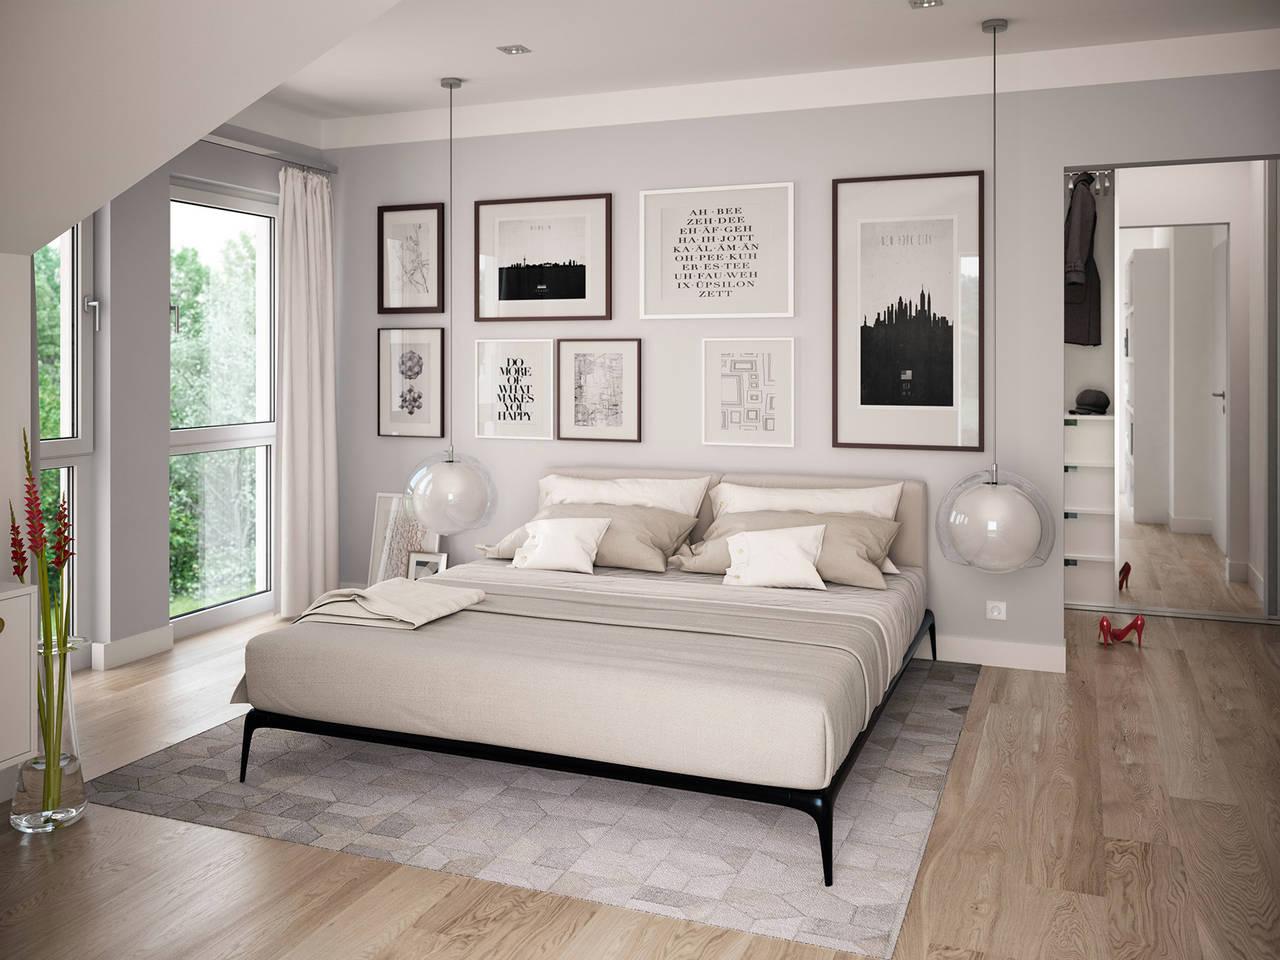 Haus SOLUTION 126 XL V6 Schlafzimmer von Living Haus